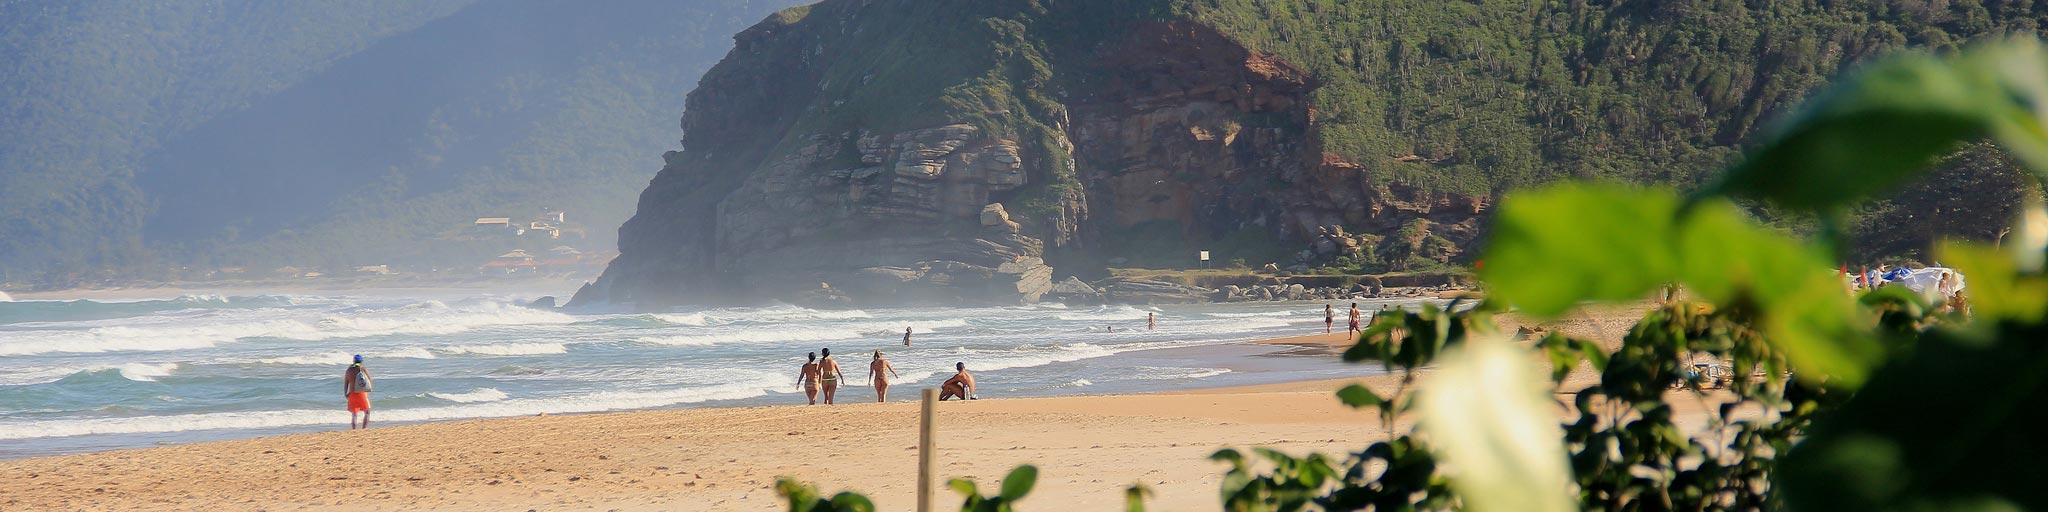 Praia de Buzios